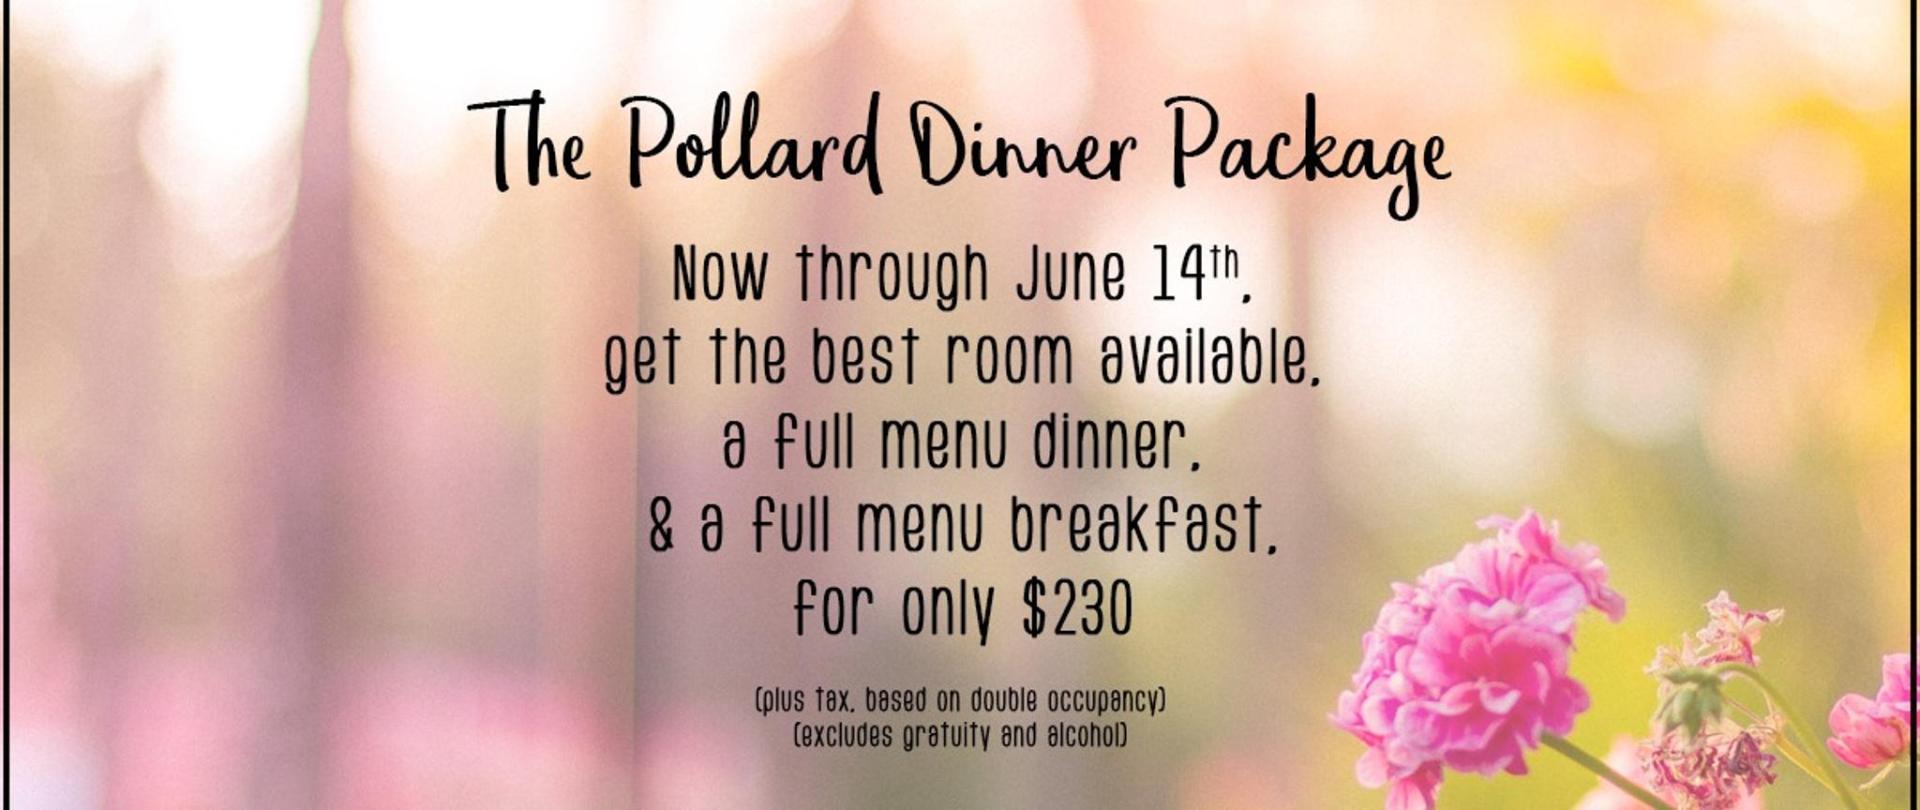 The Pollard Dinner Package2.jpg